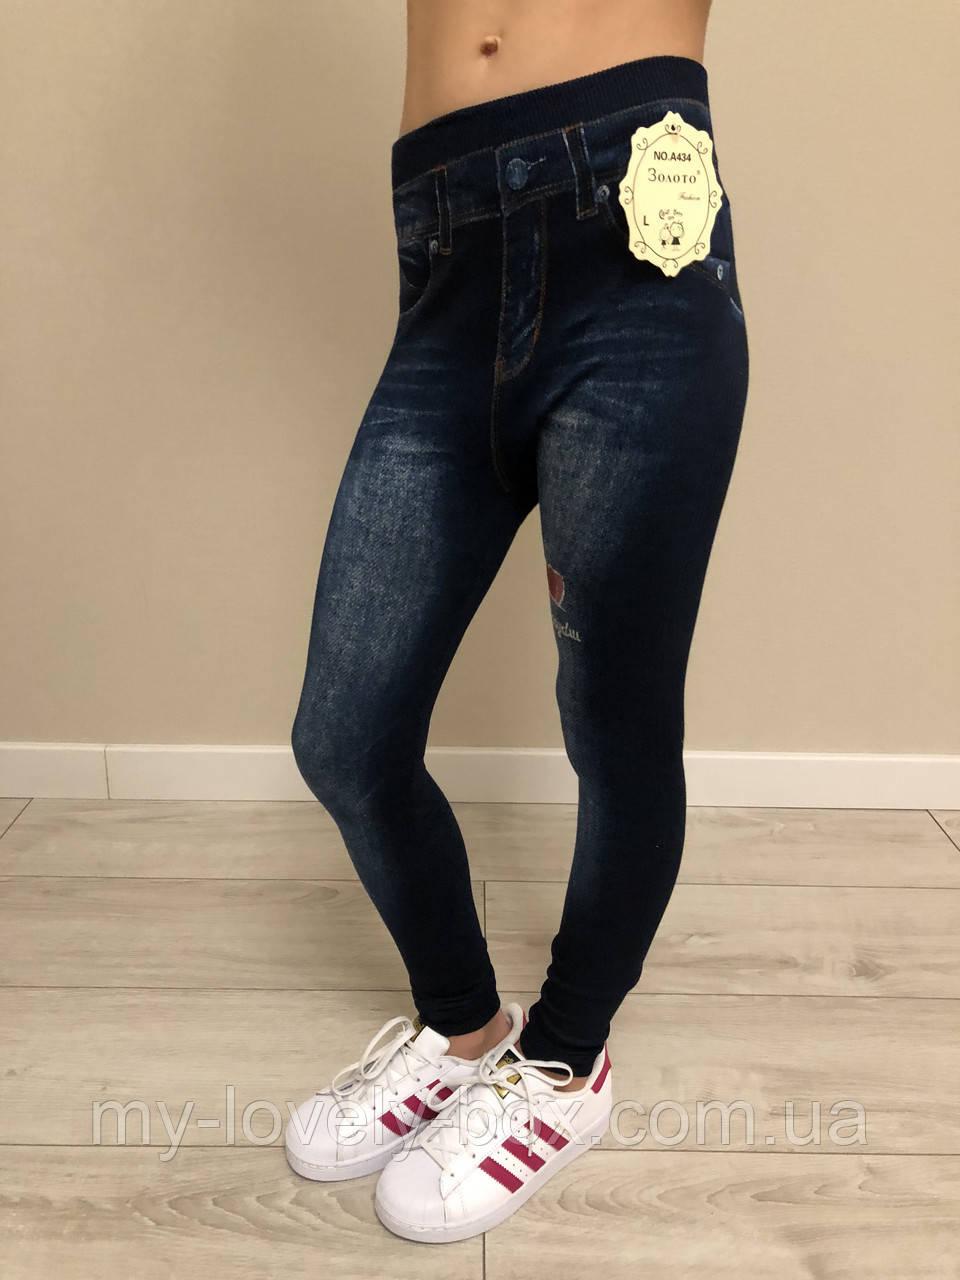 ОПТОМ.Лосины детские под джинс (Арт. A4340)   12 пар